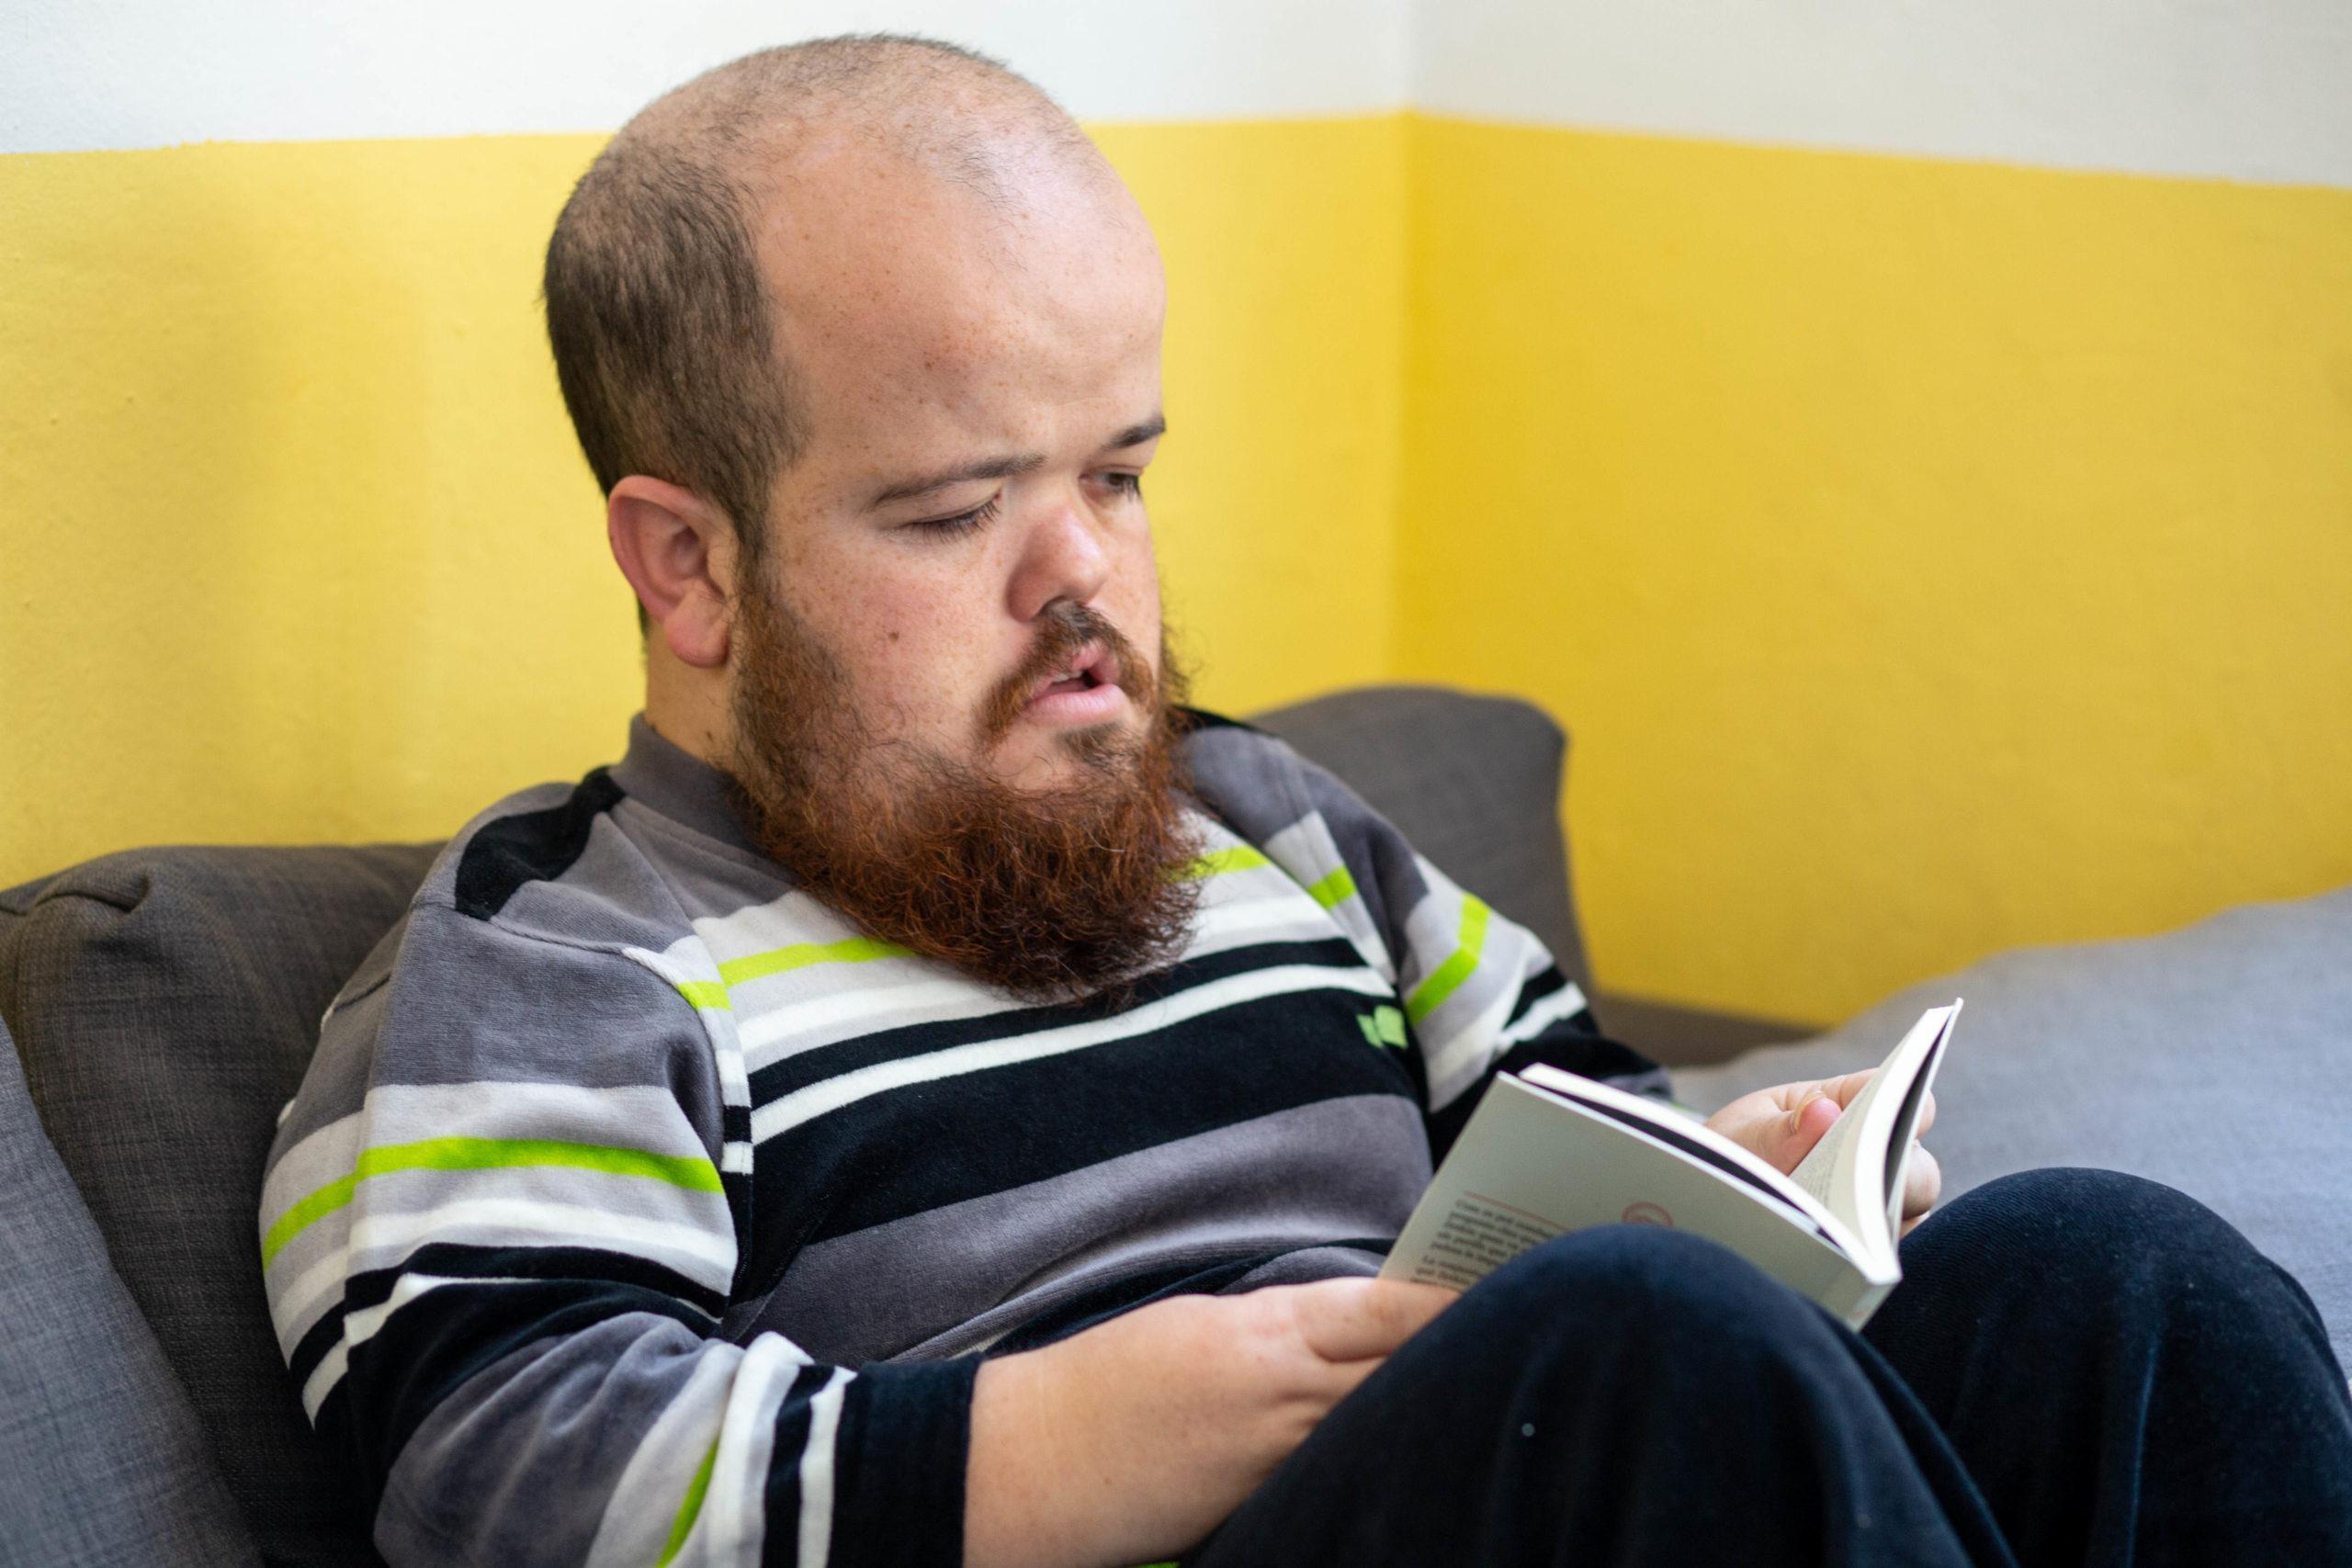 Un noi està llegint un llibre assegut al sofà del menjador